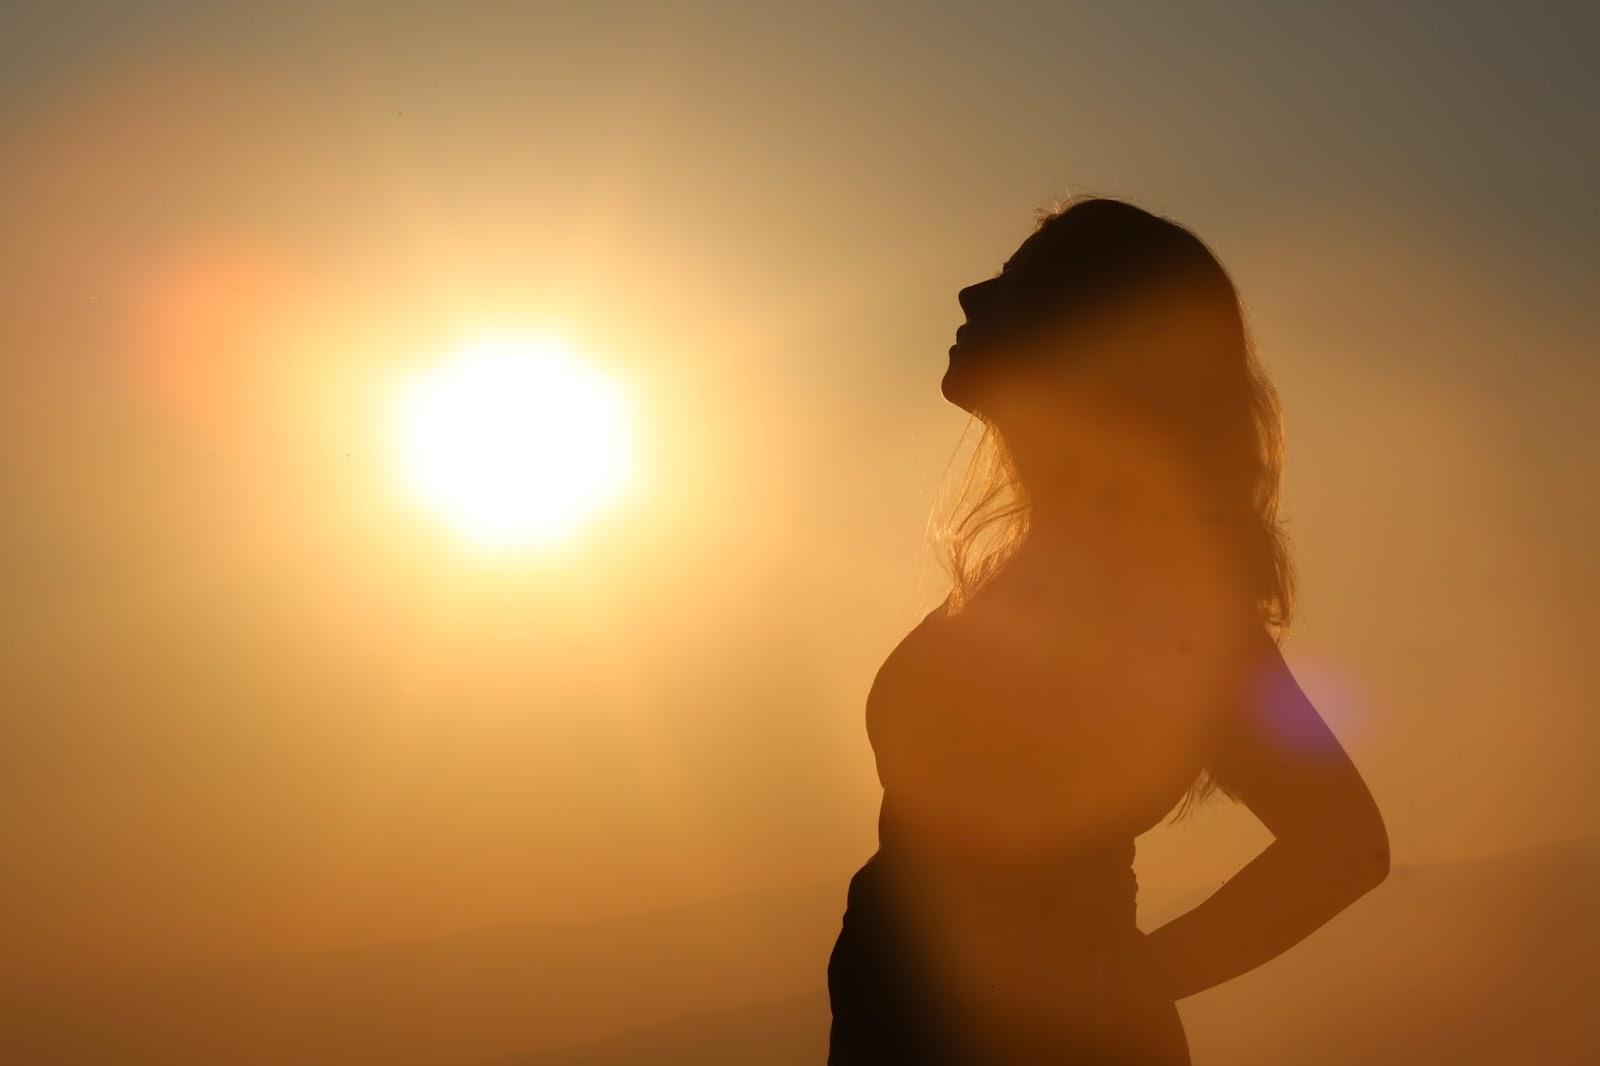 939dbb2a1051d1 Fit werden nach der Schwangerschaft - daydreamin - Blog